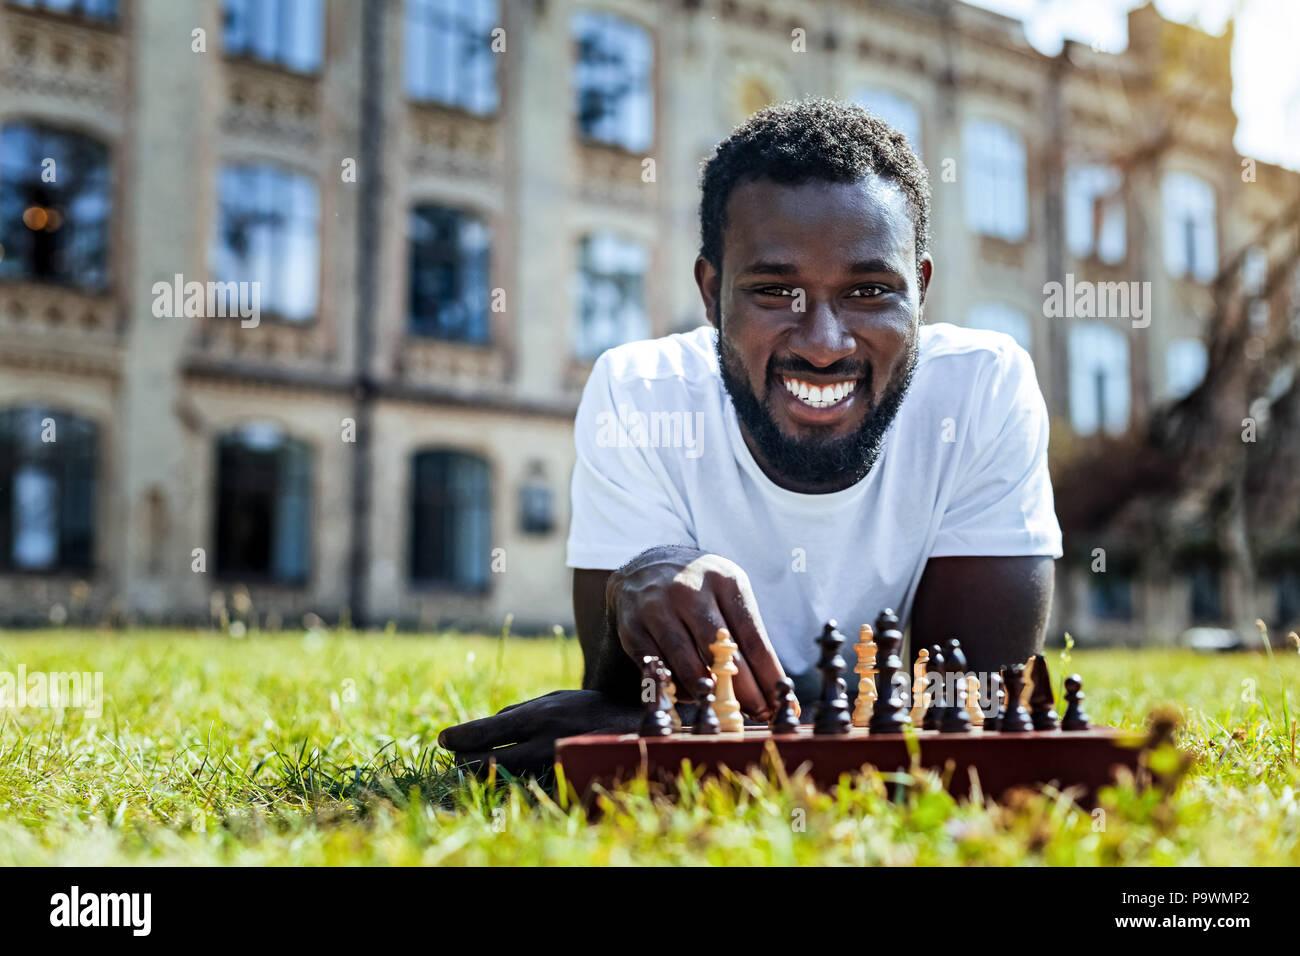 Transmisión de caballero joven jugando al ajedrez al aire libre Imagen De Stock